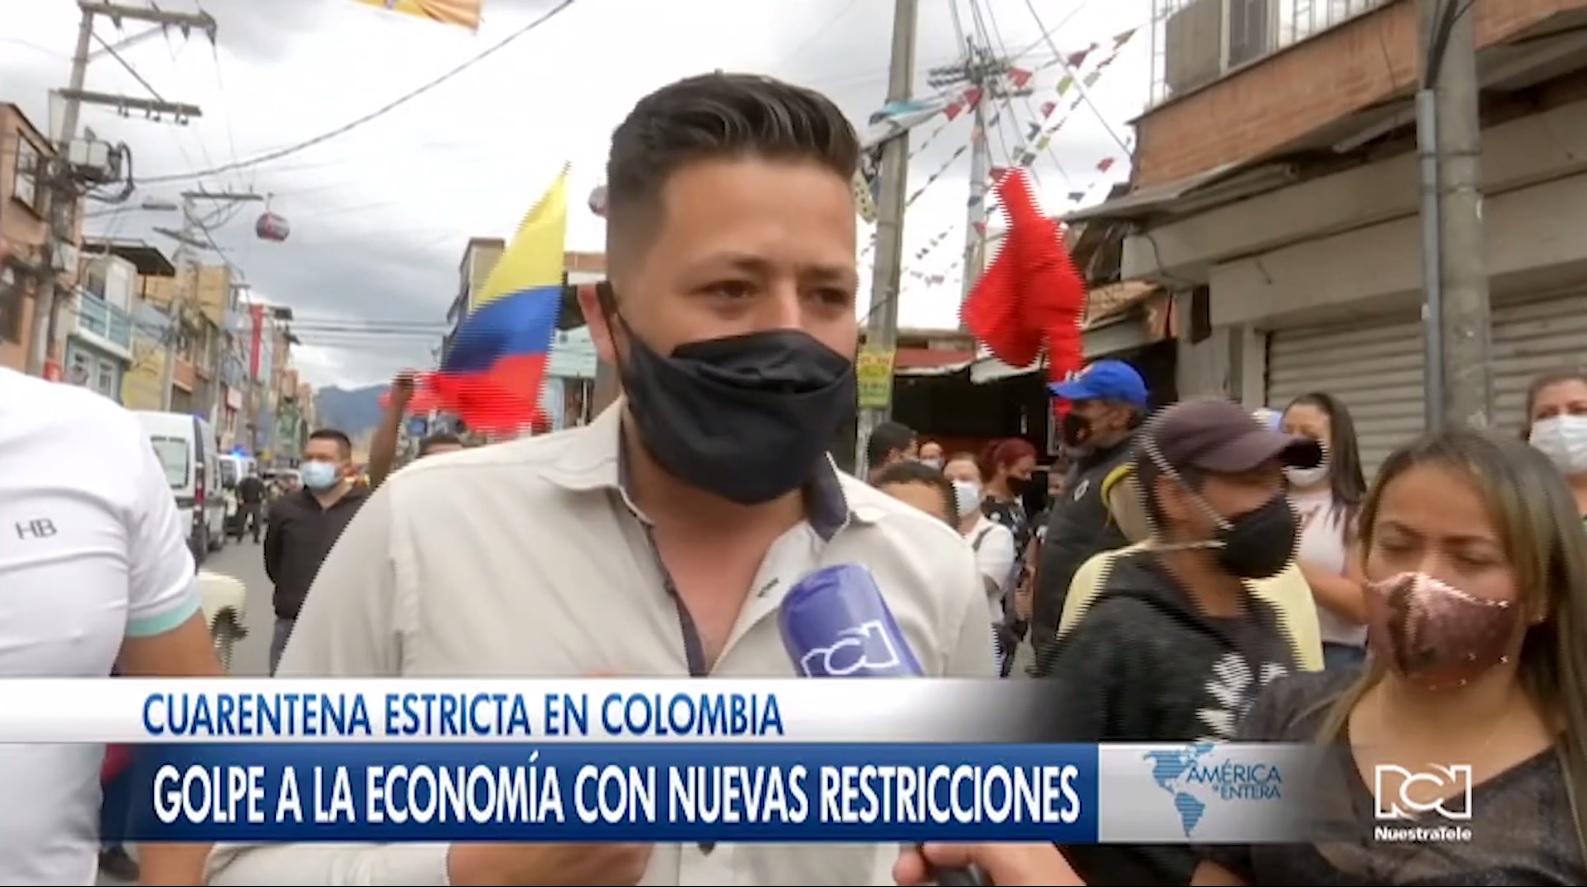 Golpe a la economía con las nuevas restricciones para contener la propagación del Covid-19 en Colombia